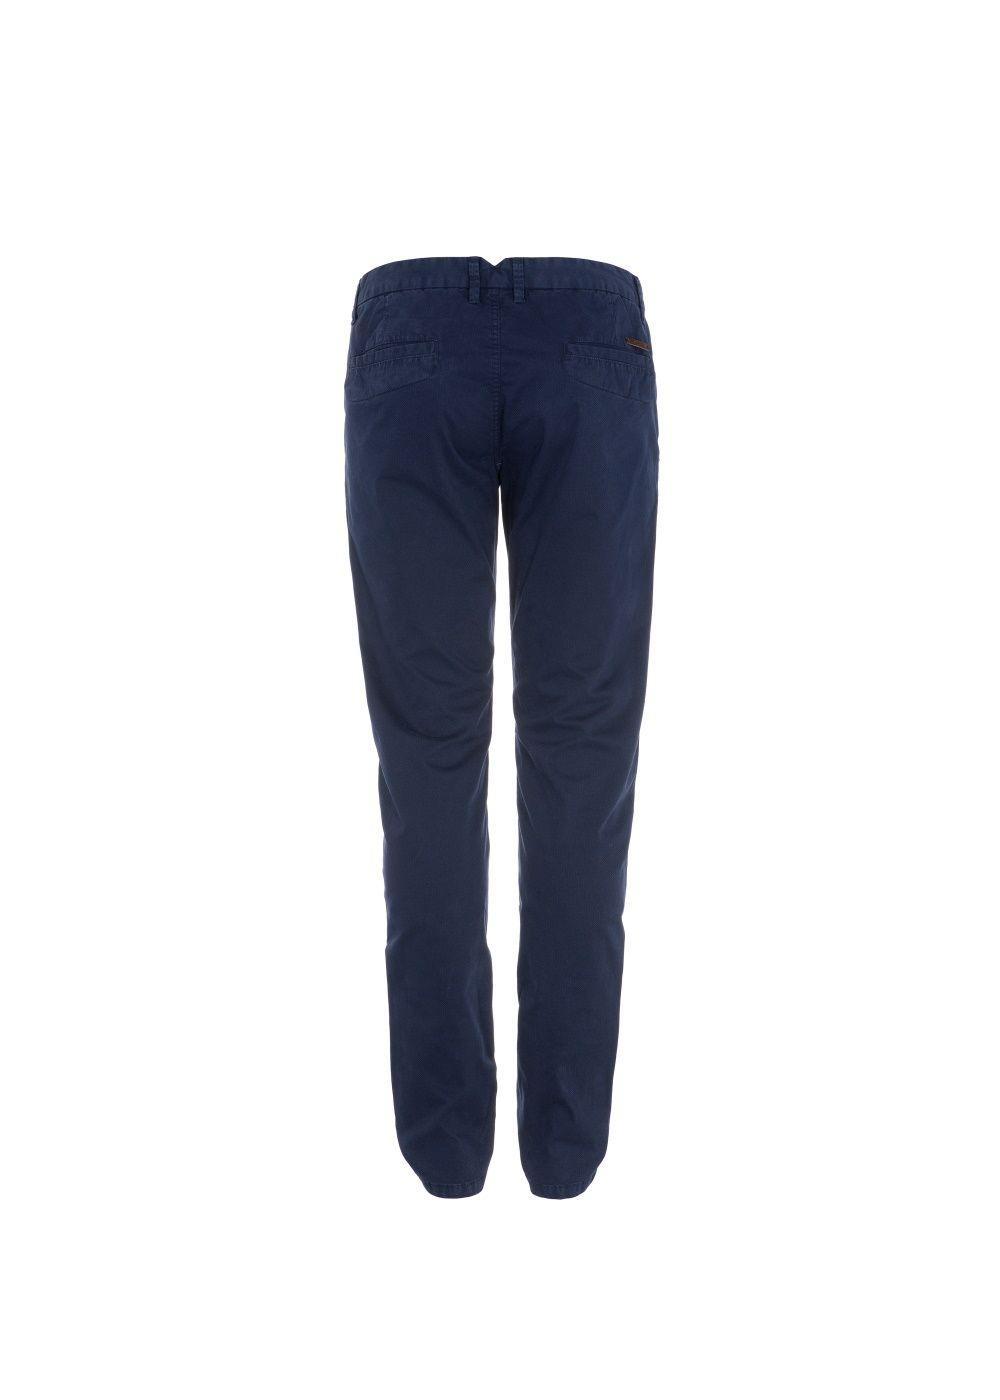 Spodnie męskie SPOMT-0036-69(W20)